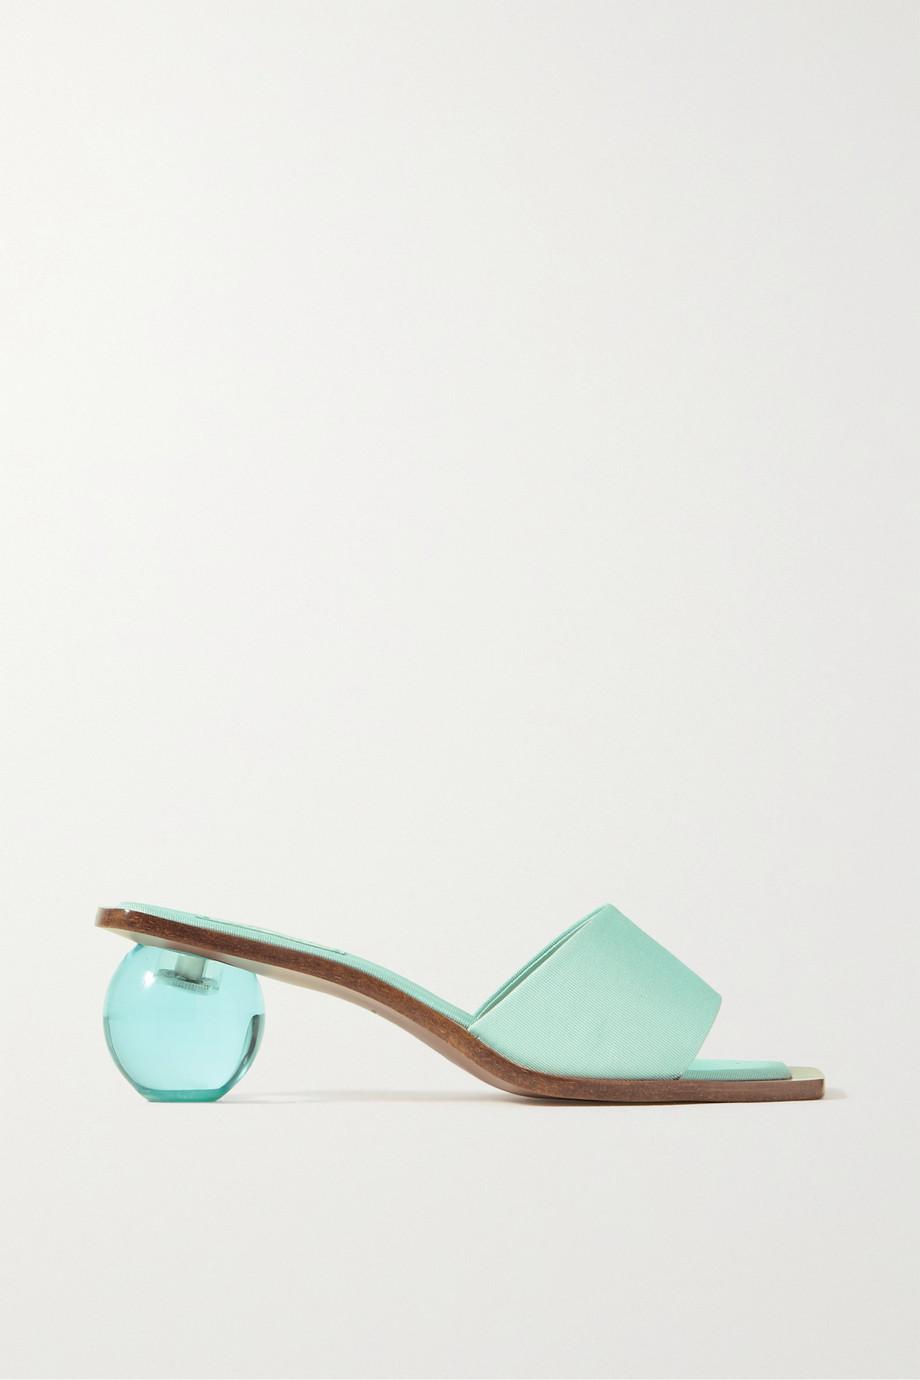 Cult Gaia Tao faille sandals